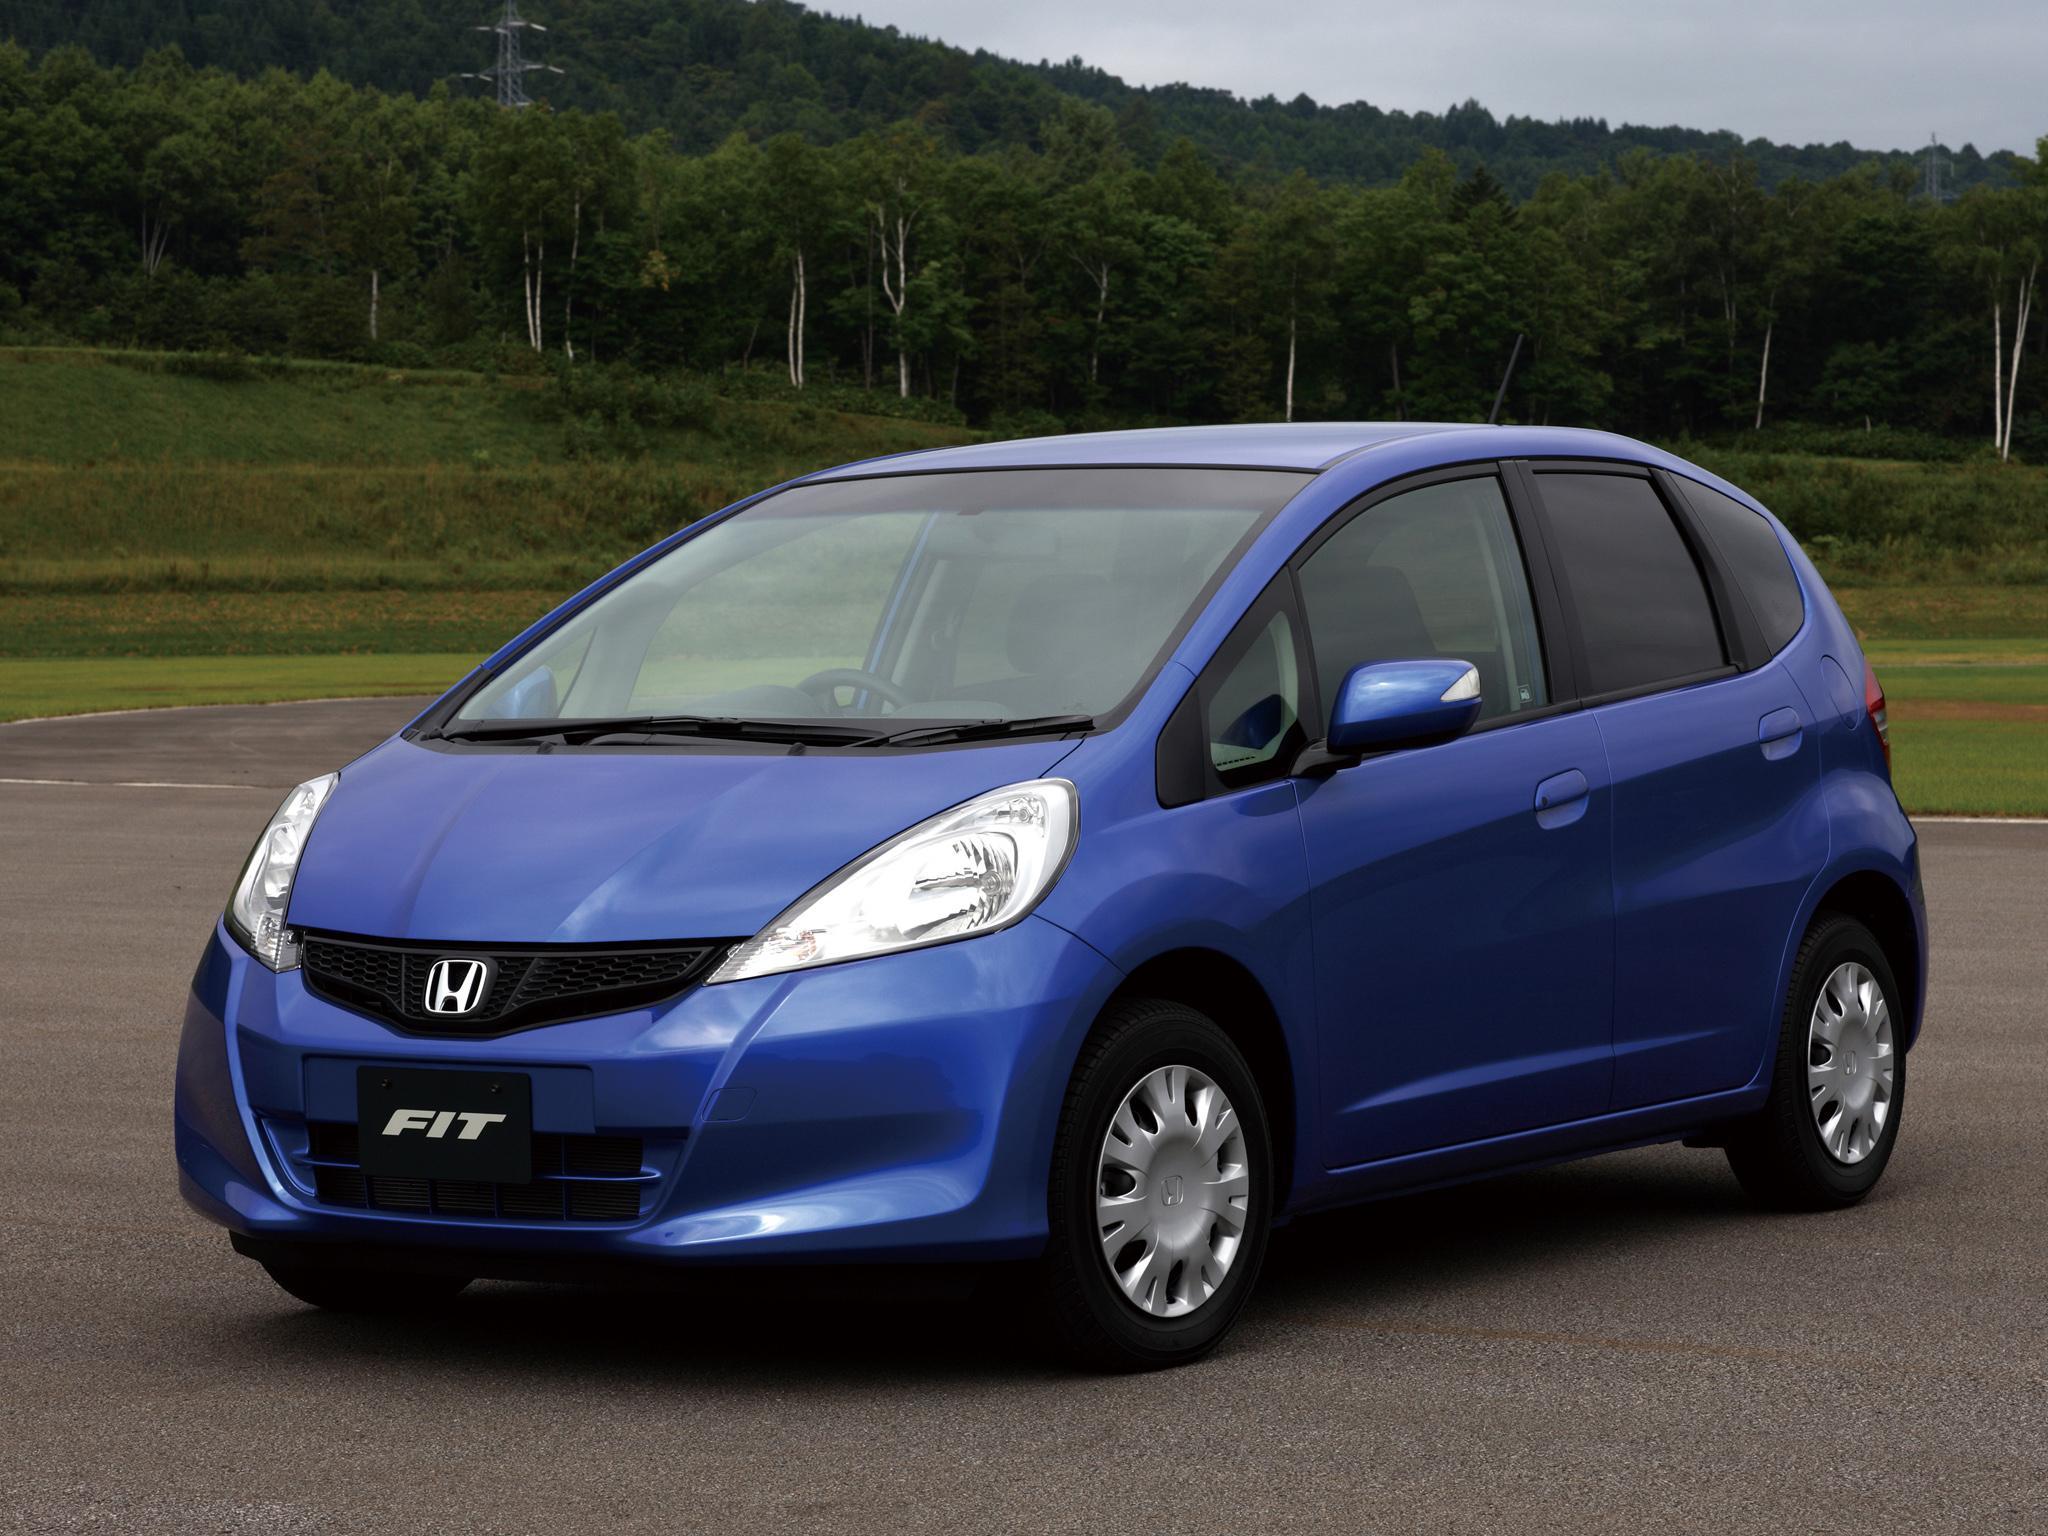 Машина фит фото 1